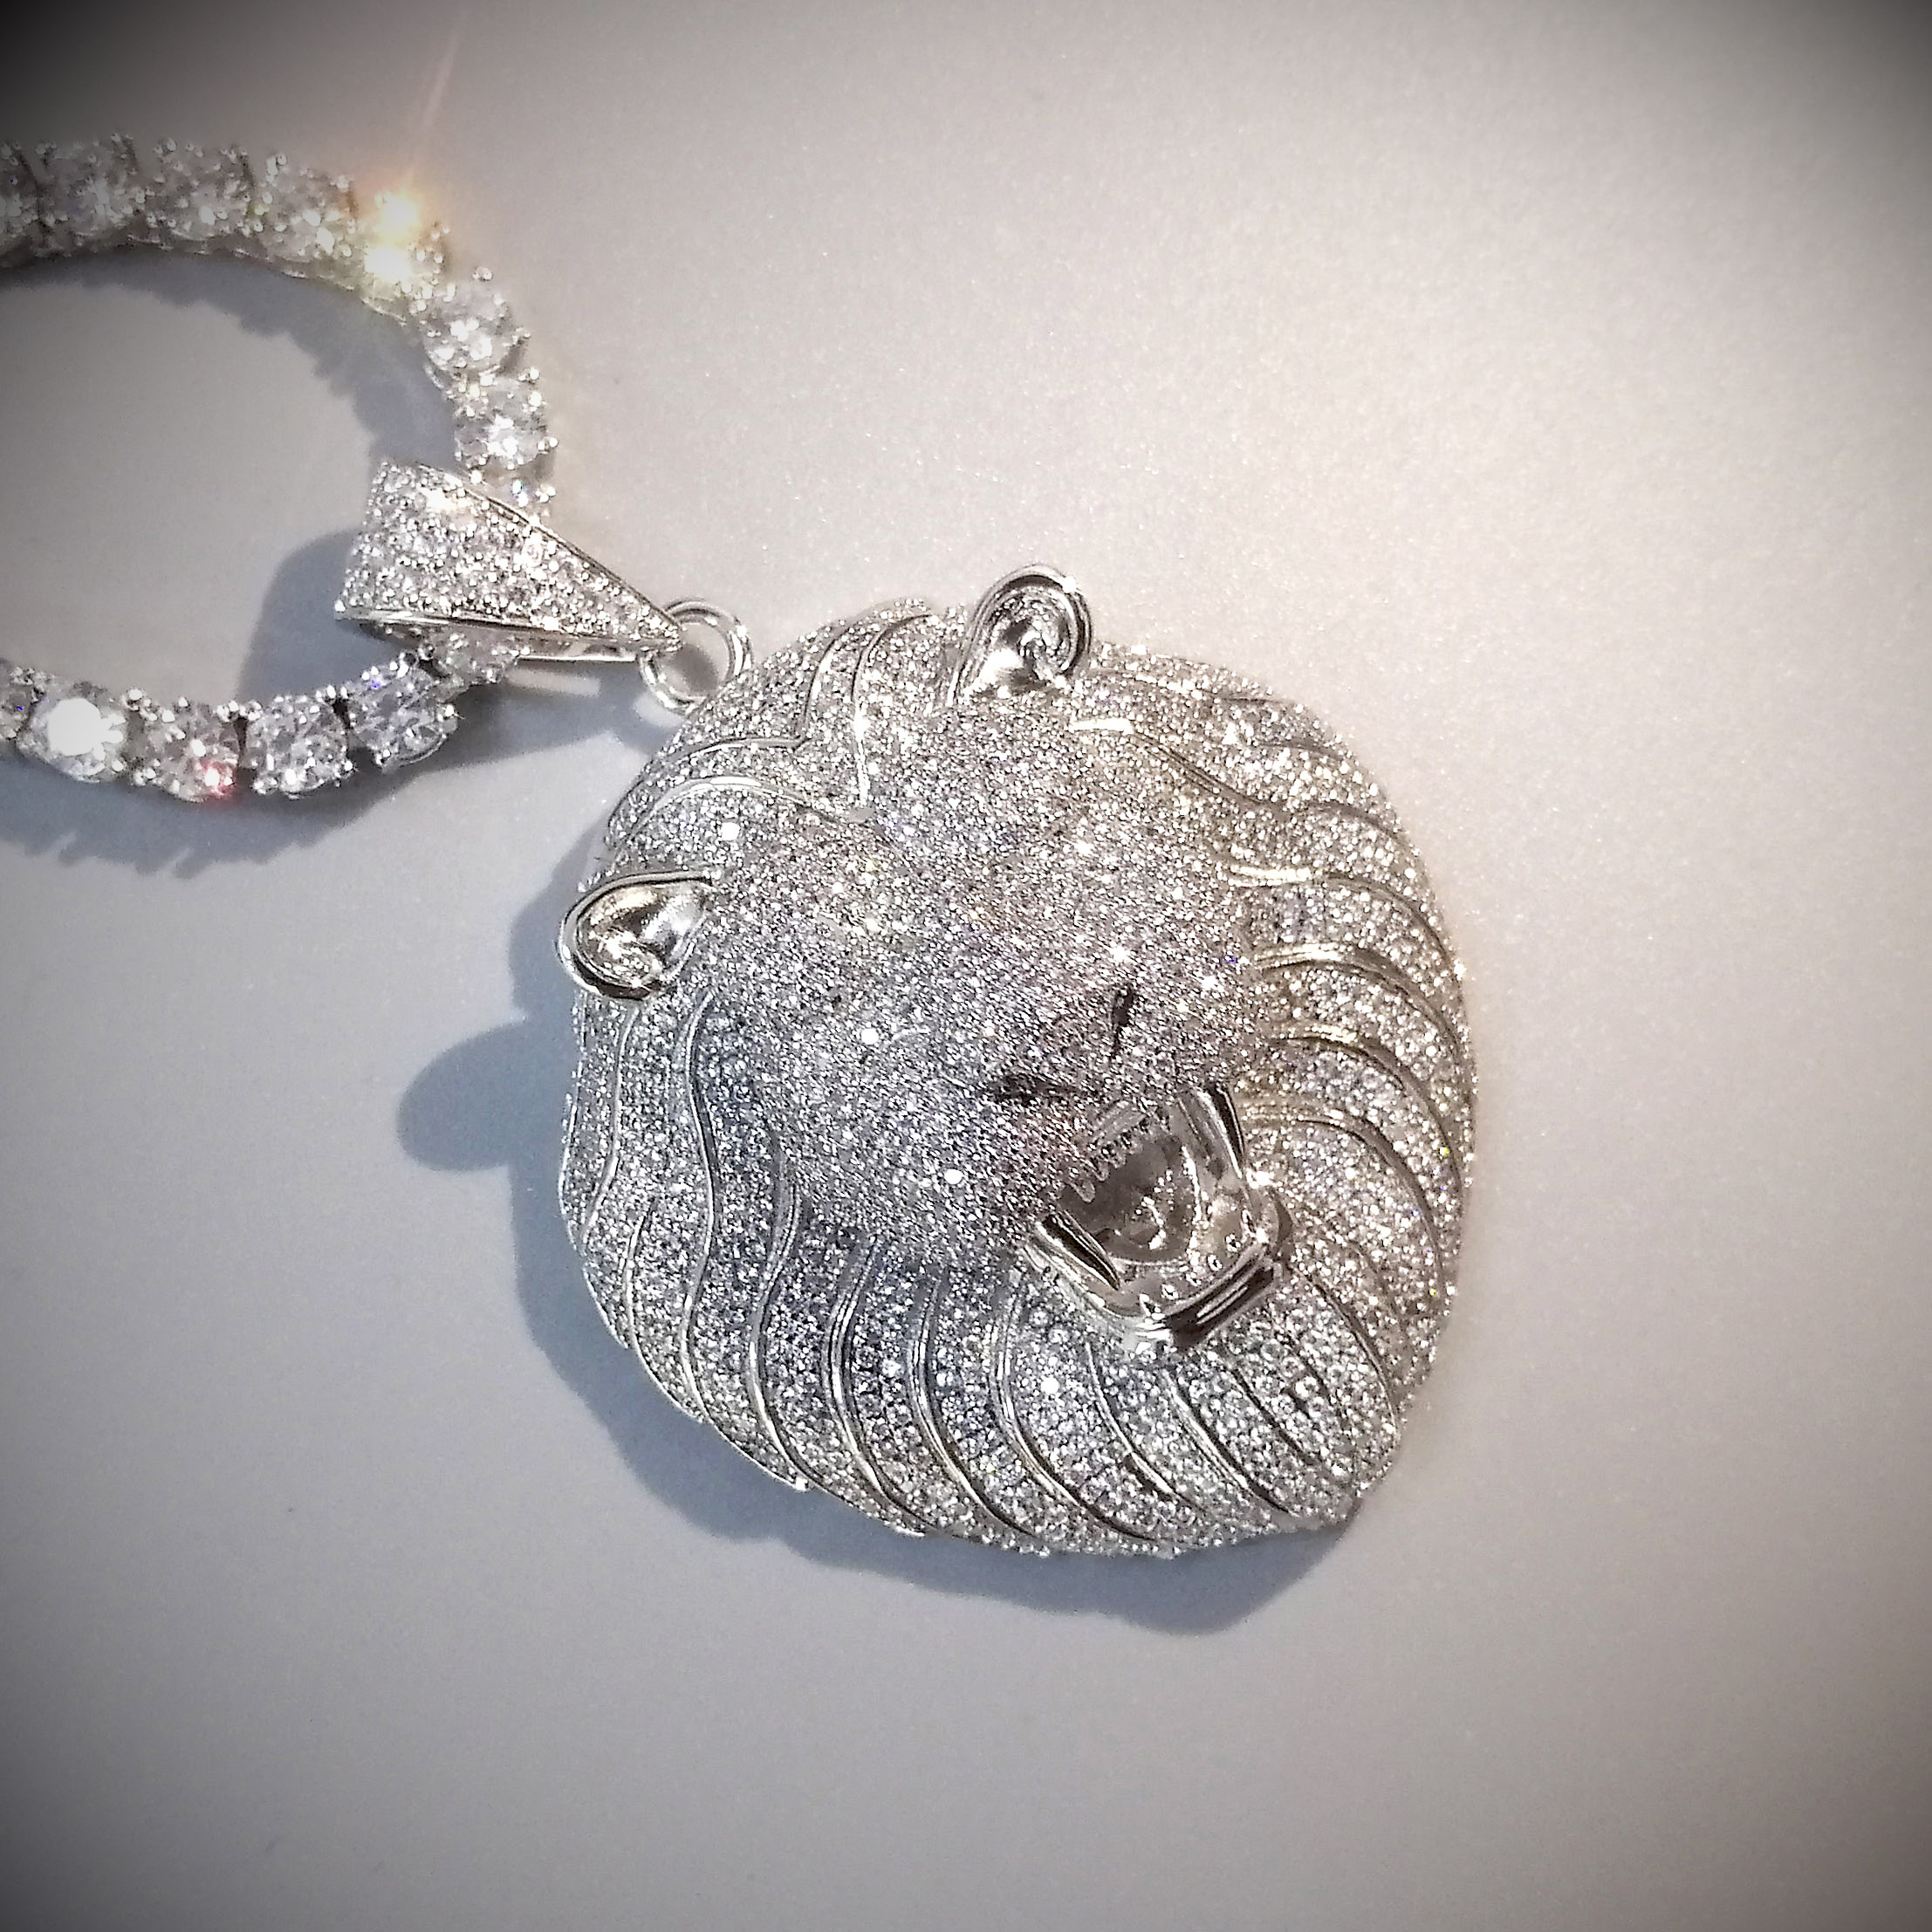 Bling Iced Out Halskette Micro Pflastern Cubic Zirkon Lion Kopf Anhänger für Männer Frauen Geschenke Luxus Hip Hop Schmuck